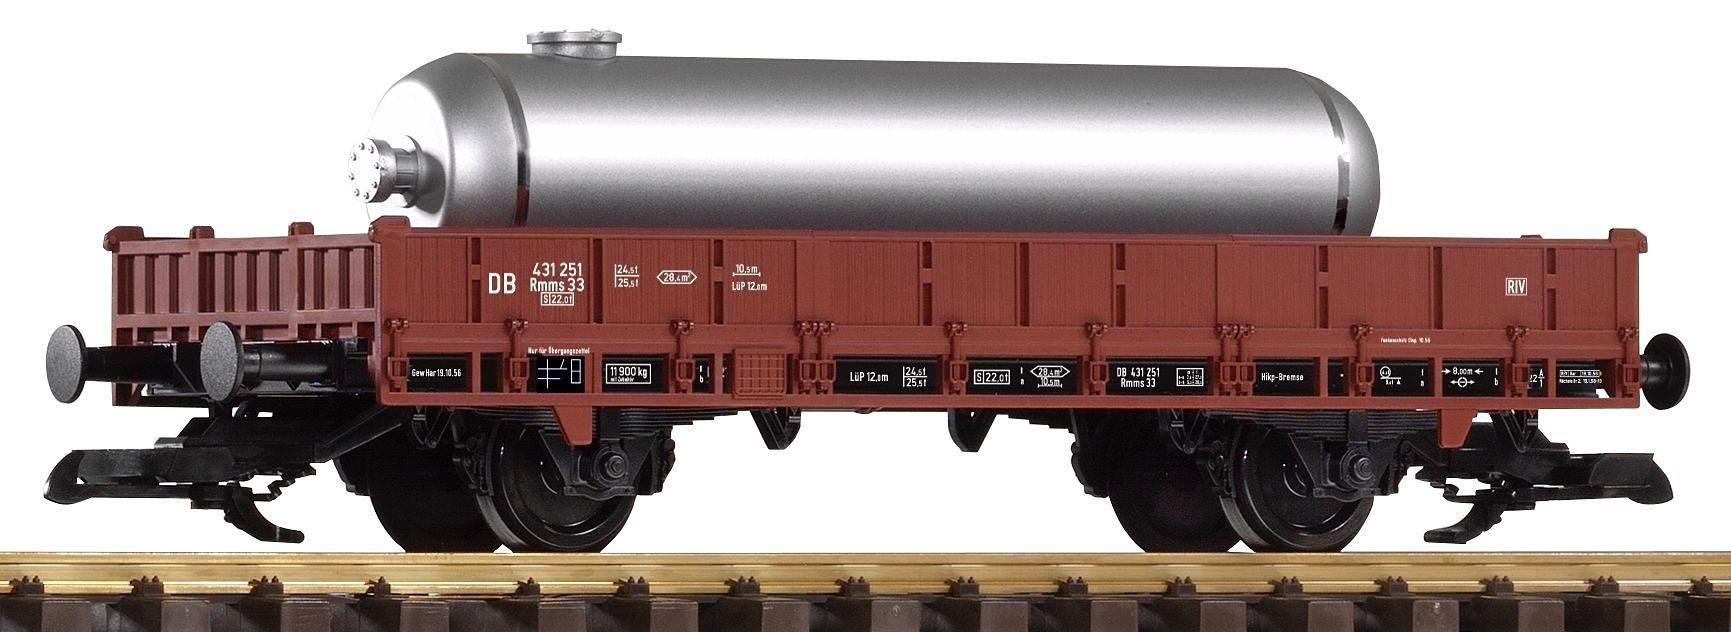 PIKO Güterwagen, Spur G, »Niederbordwagen beladen mit Tankbehälter, DB - Gleichstrom«